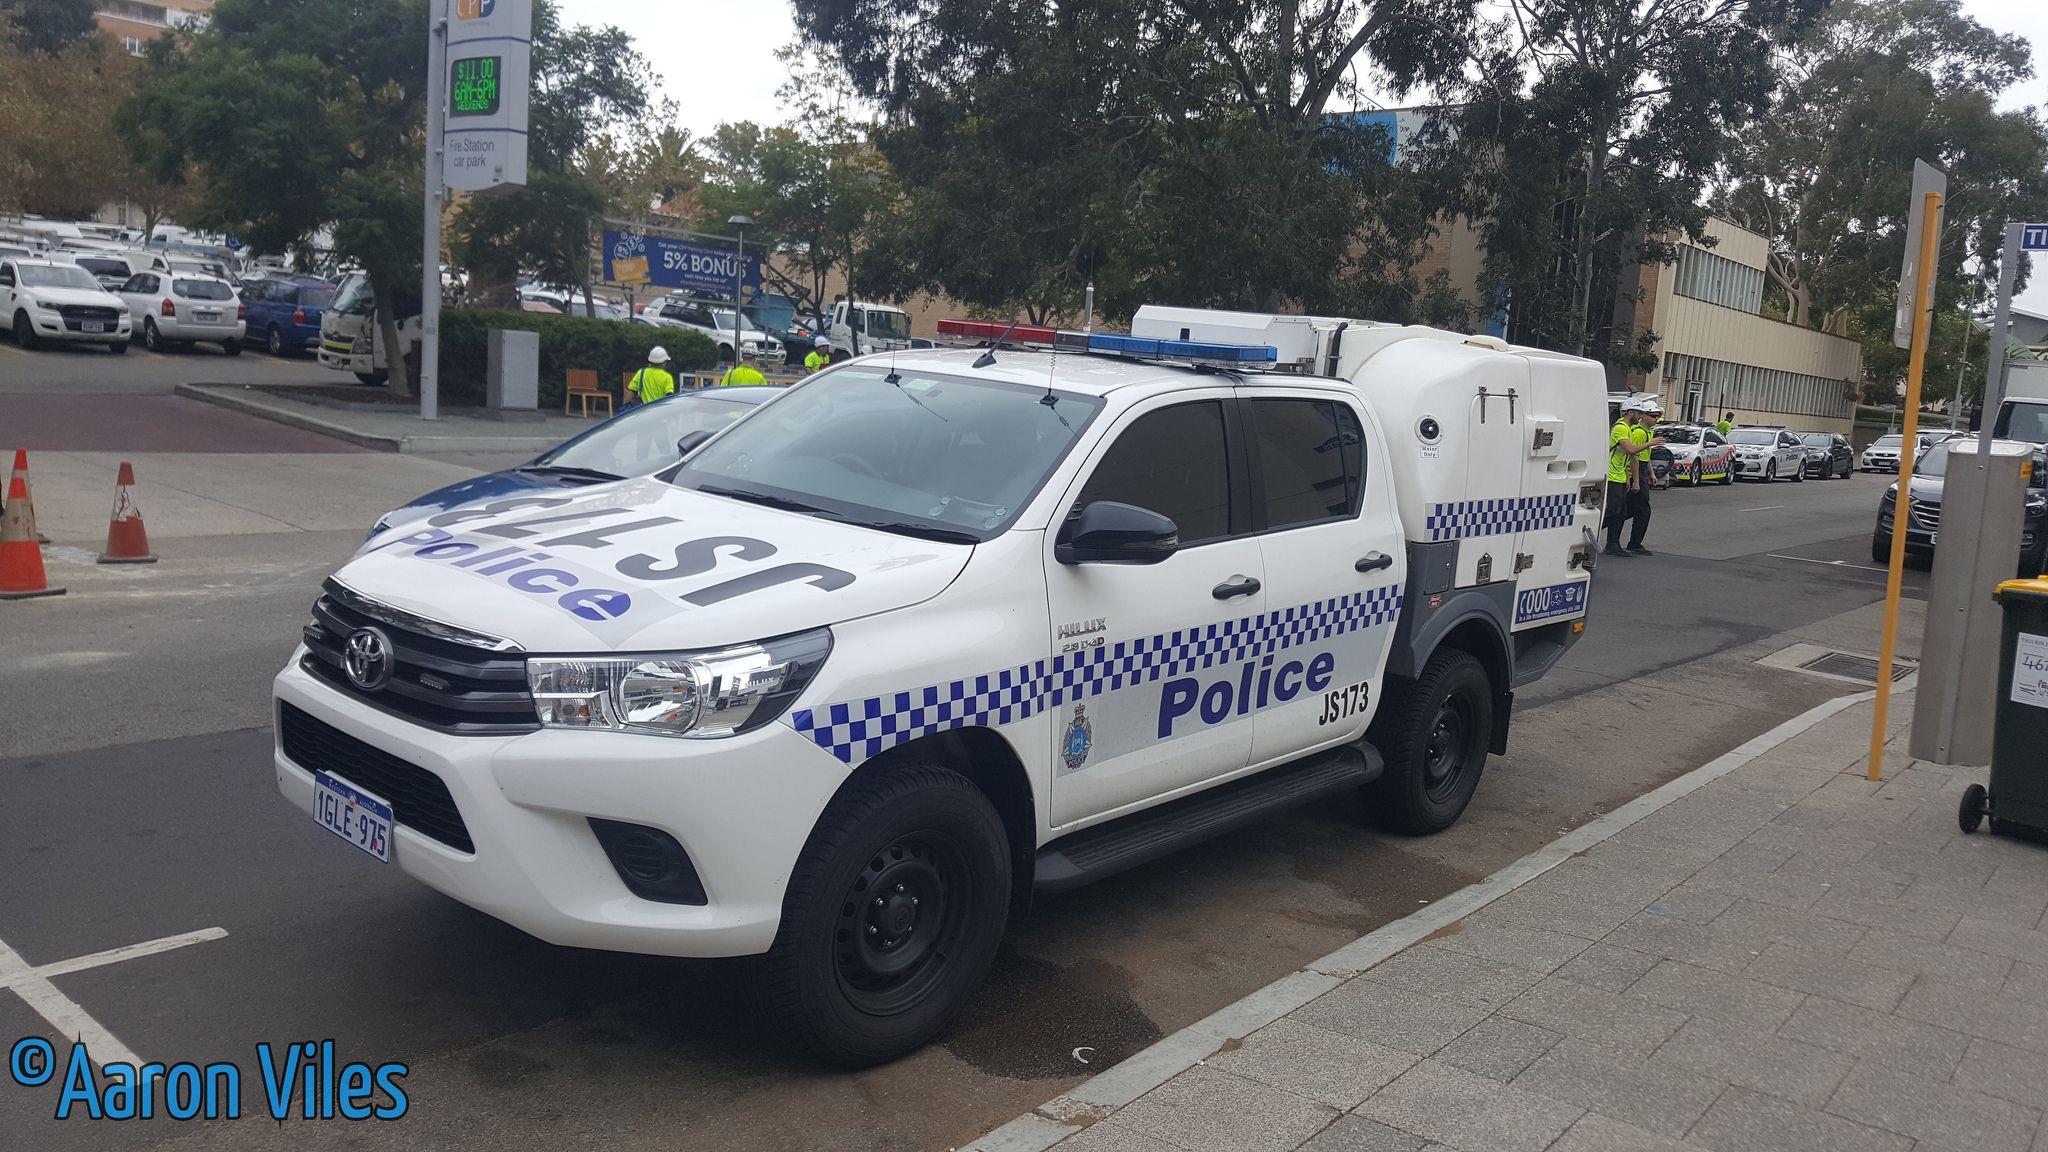 Western Australia Police Australia Police Australia Western